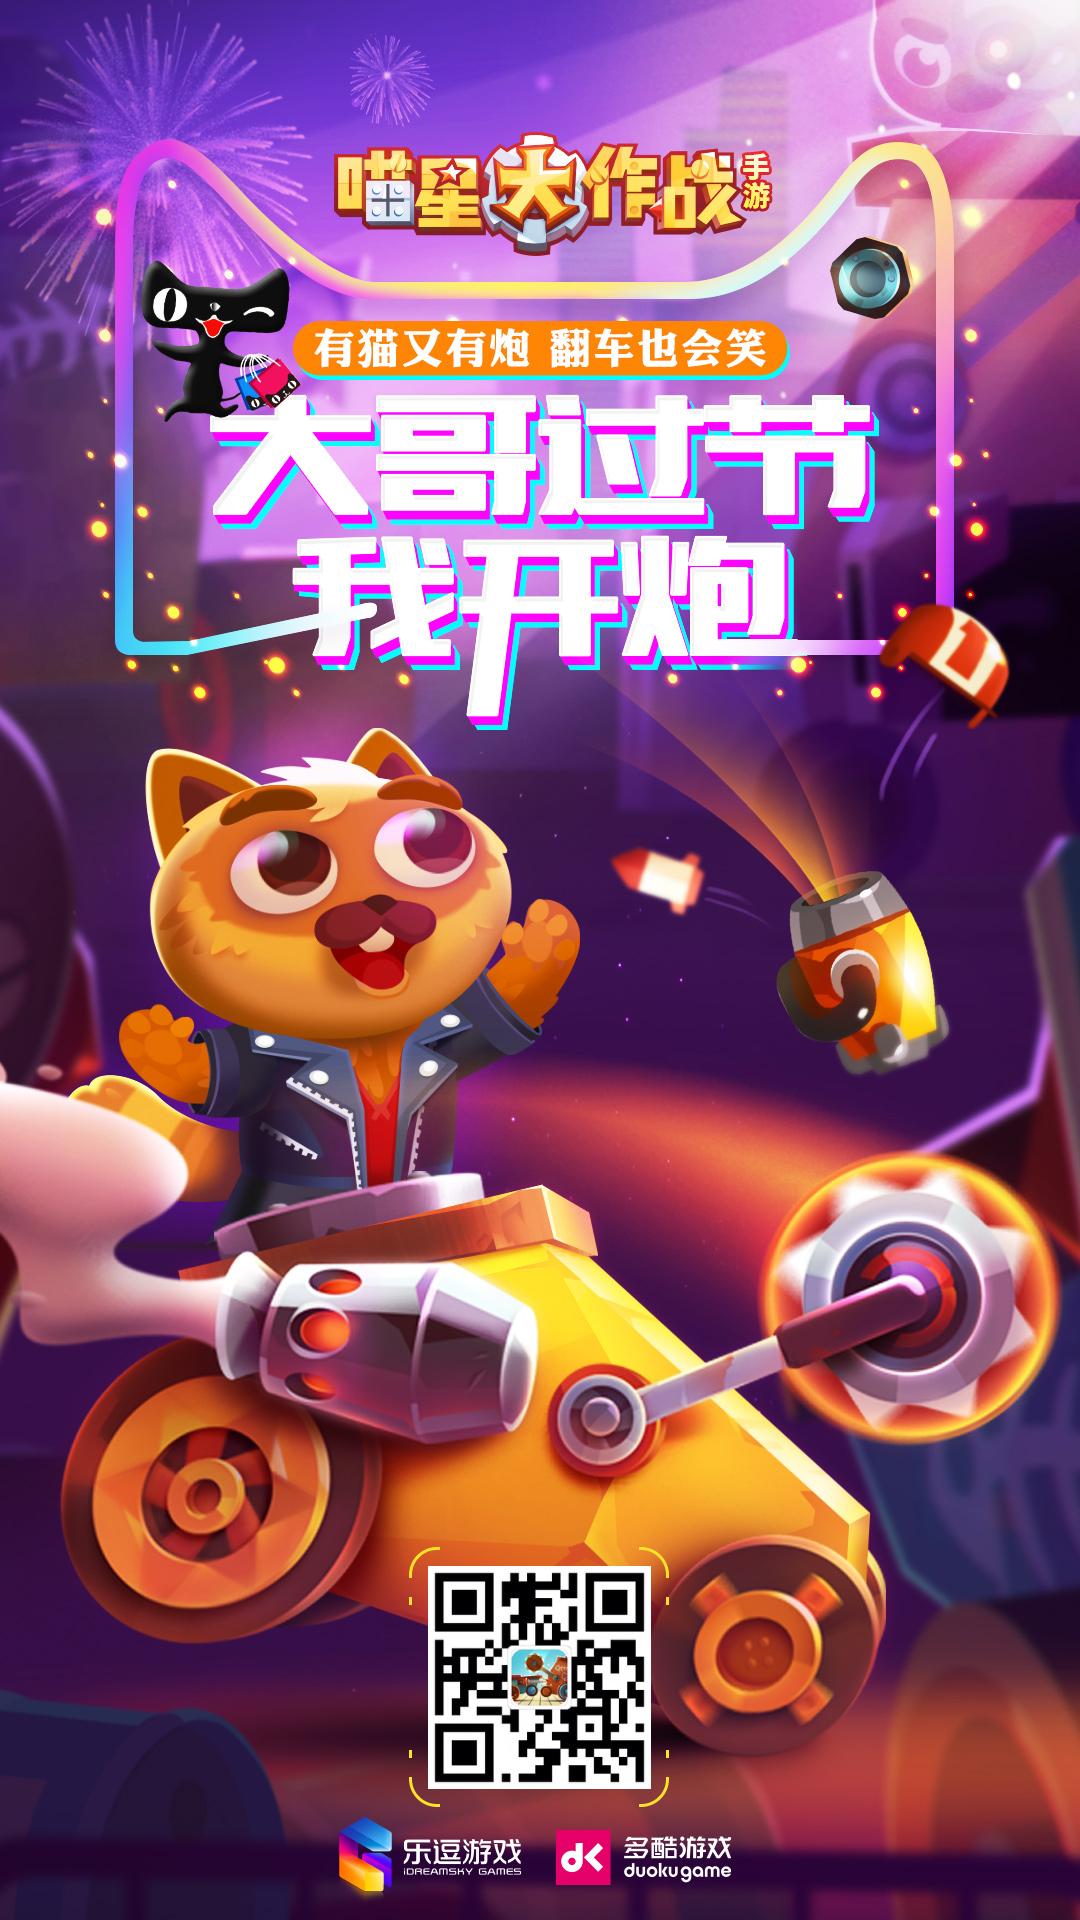 双十一-喵星大作战宣传海报-1-2.jpg